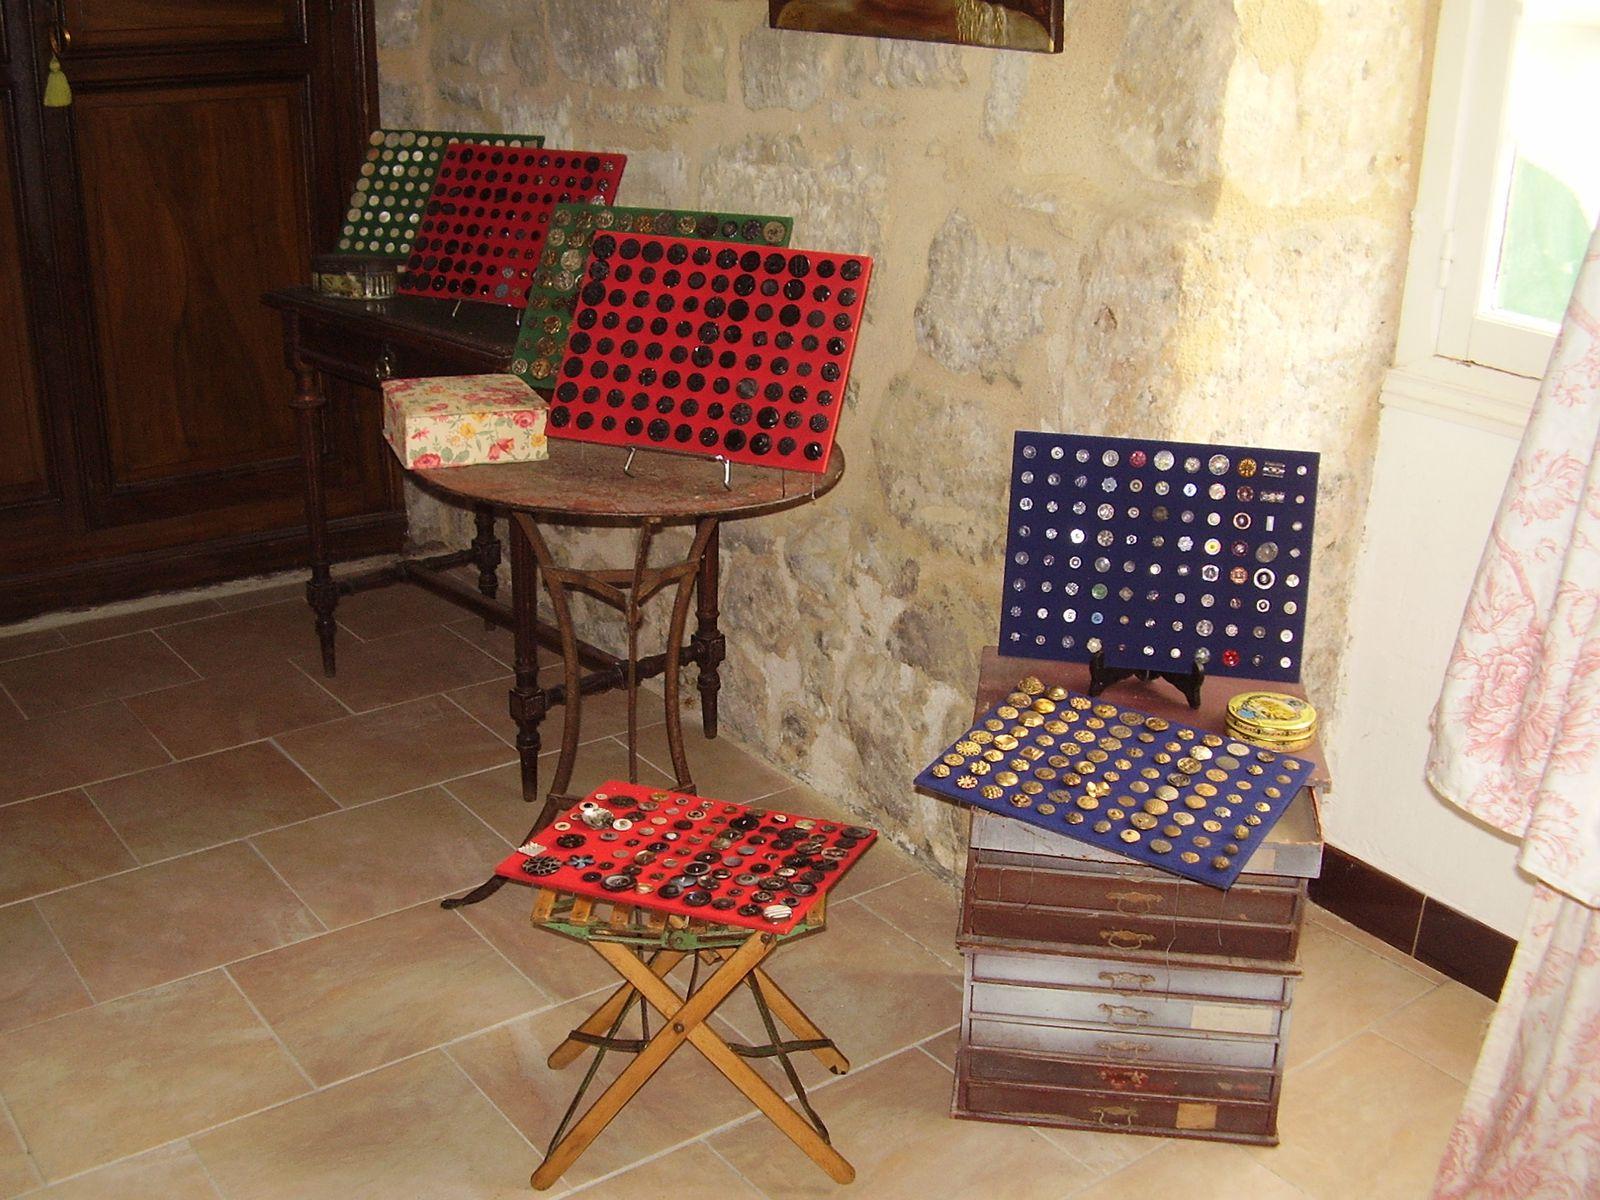 Exposition de boutons par Jocelyne Ménager